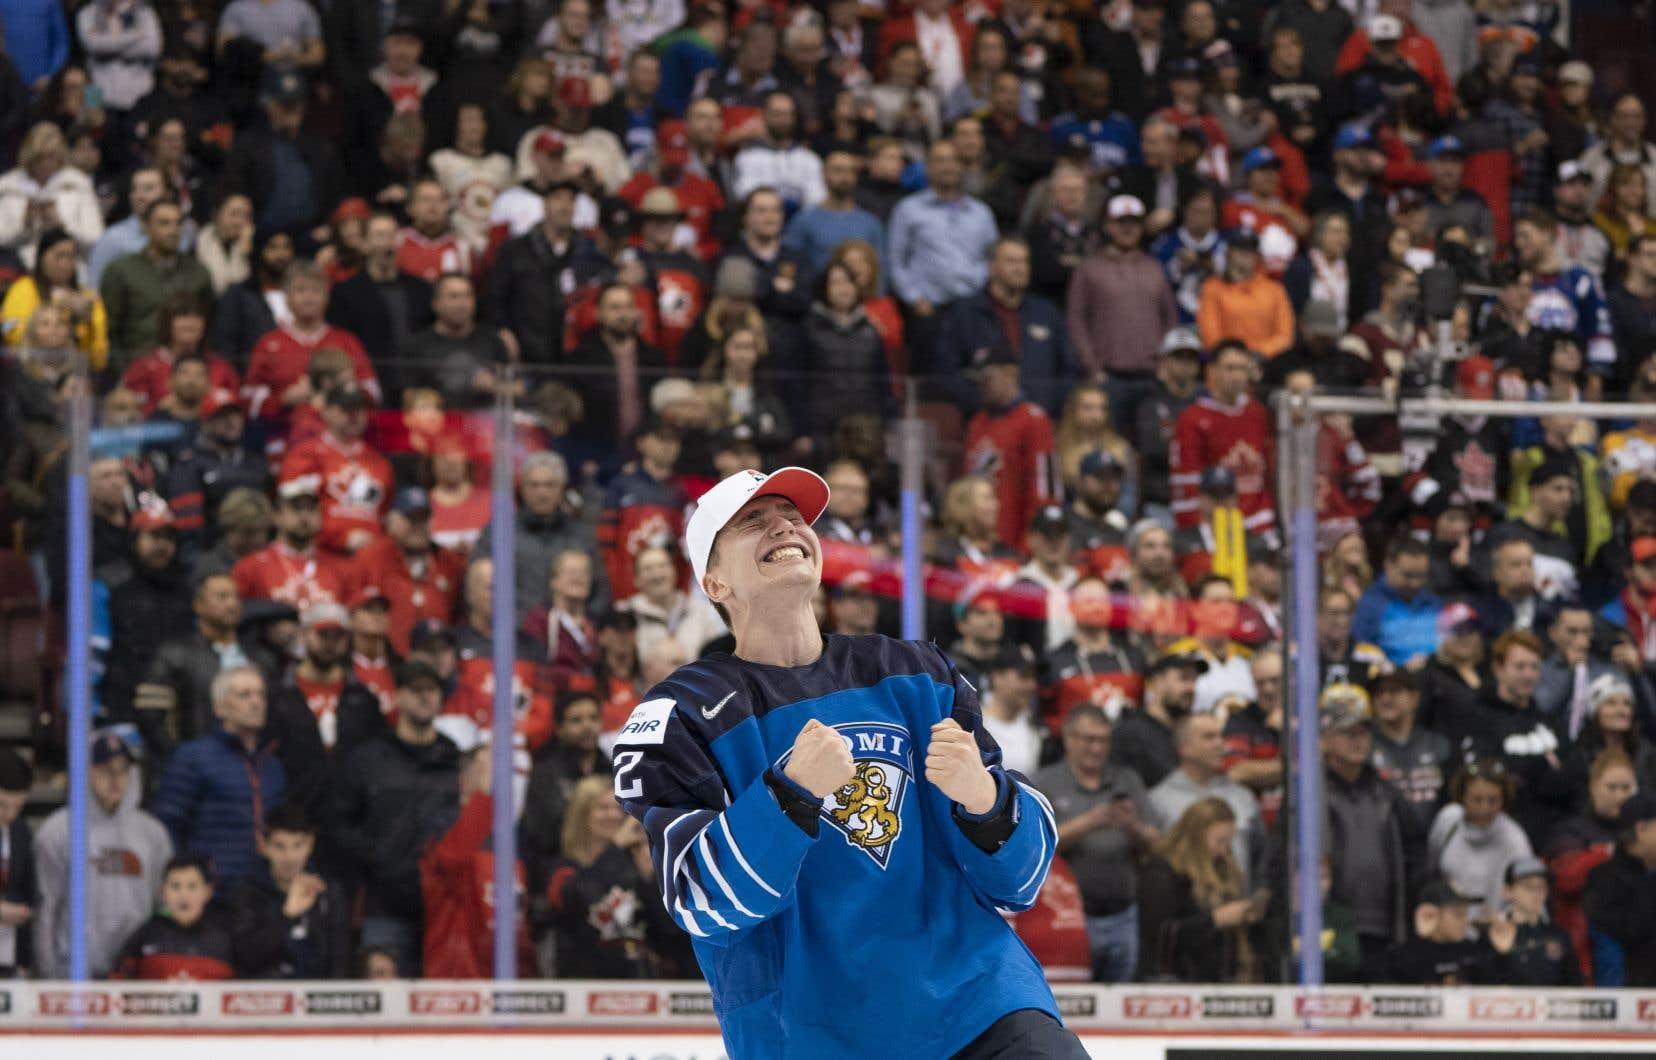 Le finlandais Santeri Virtanen célèbre la victoire de son équipe contre celle des États-Unis.